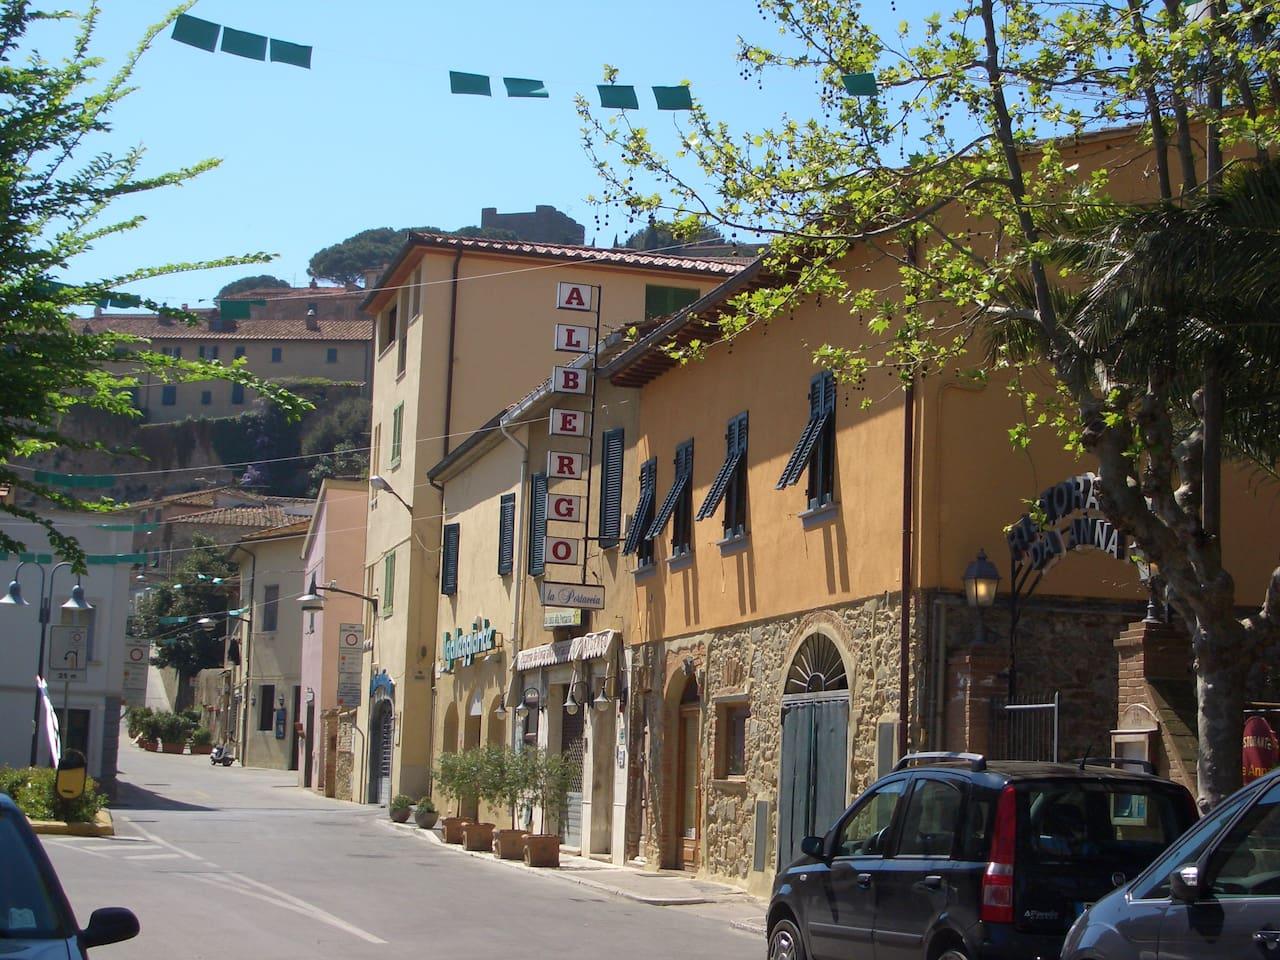 Veduta esterna con vista dell'antico borgo